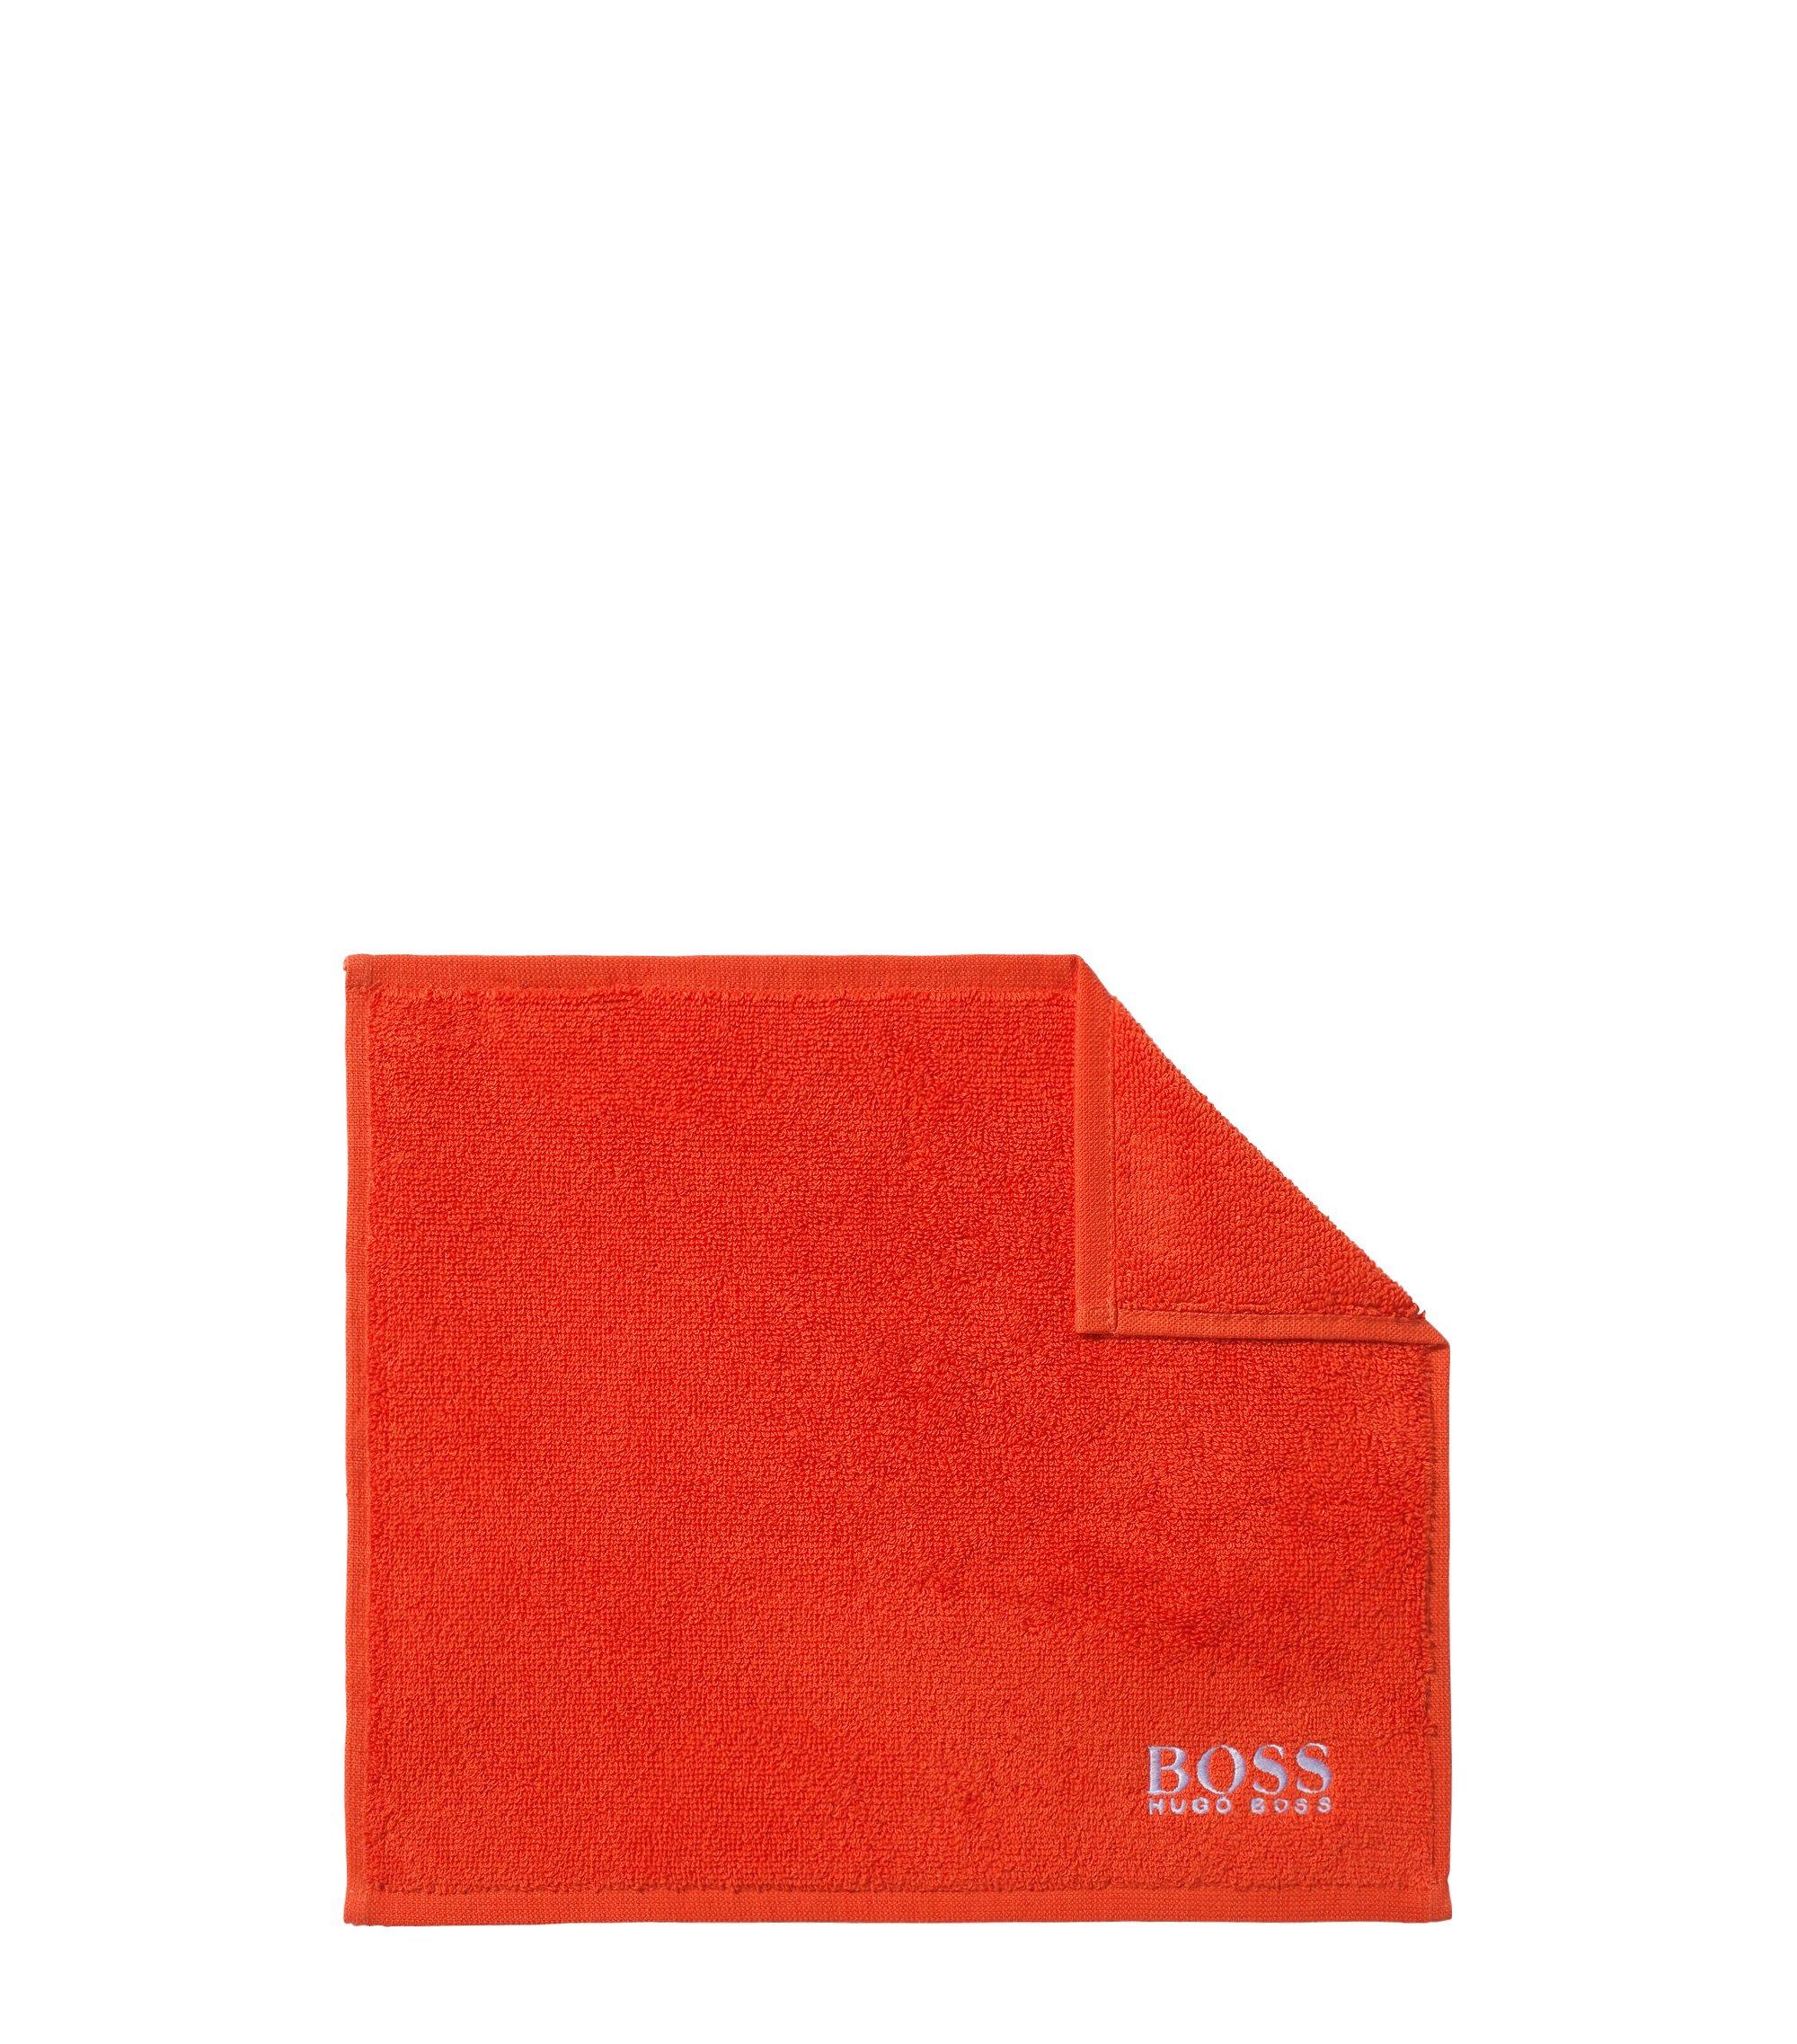 Serviette de toilette pour le visage en coton égyptien des plus raffinés avec logo brodé, Orange